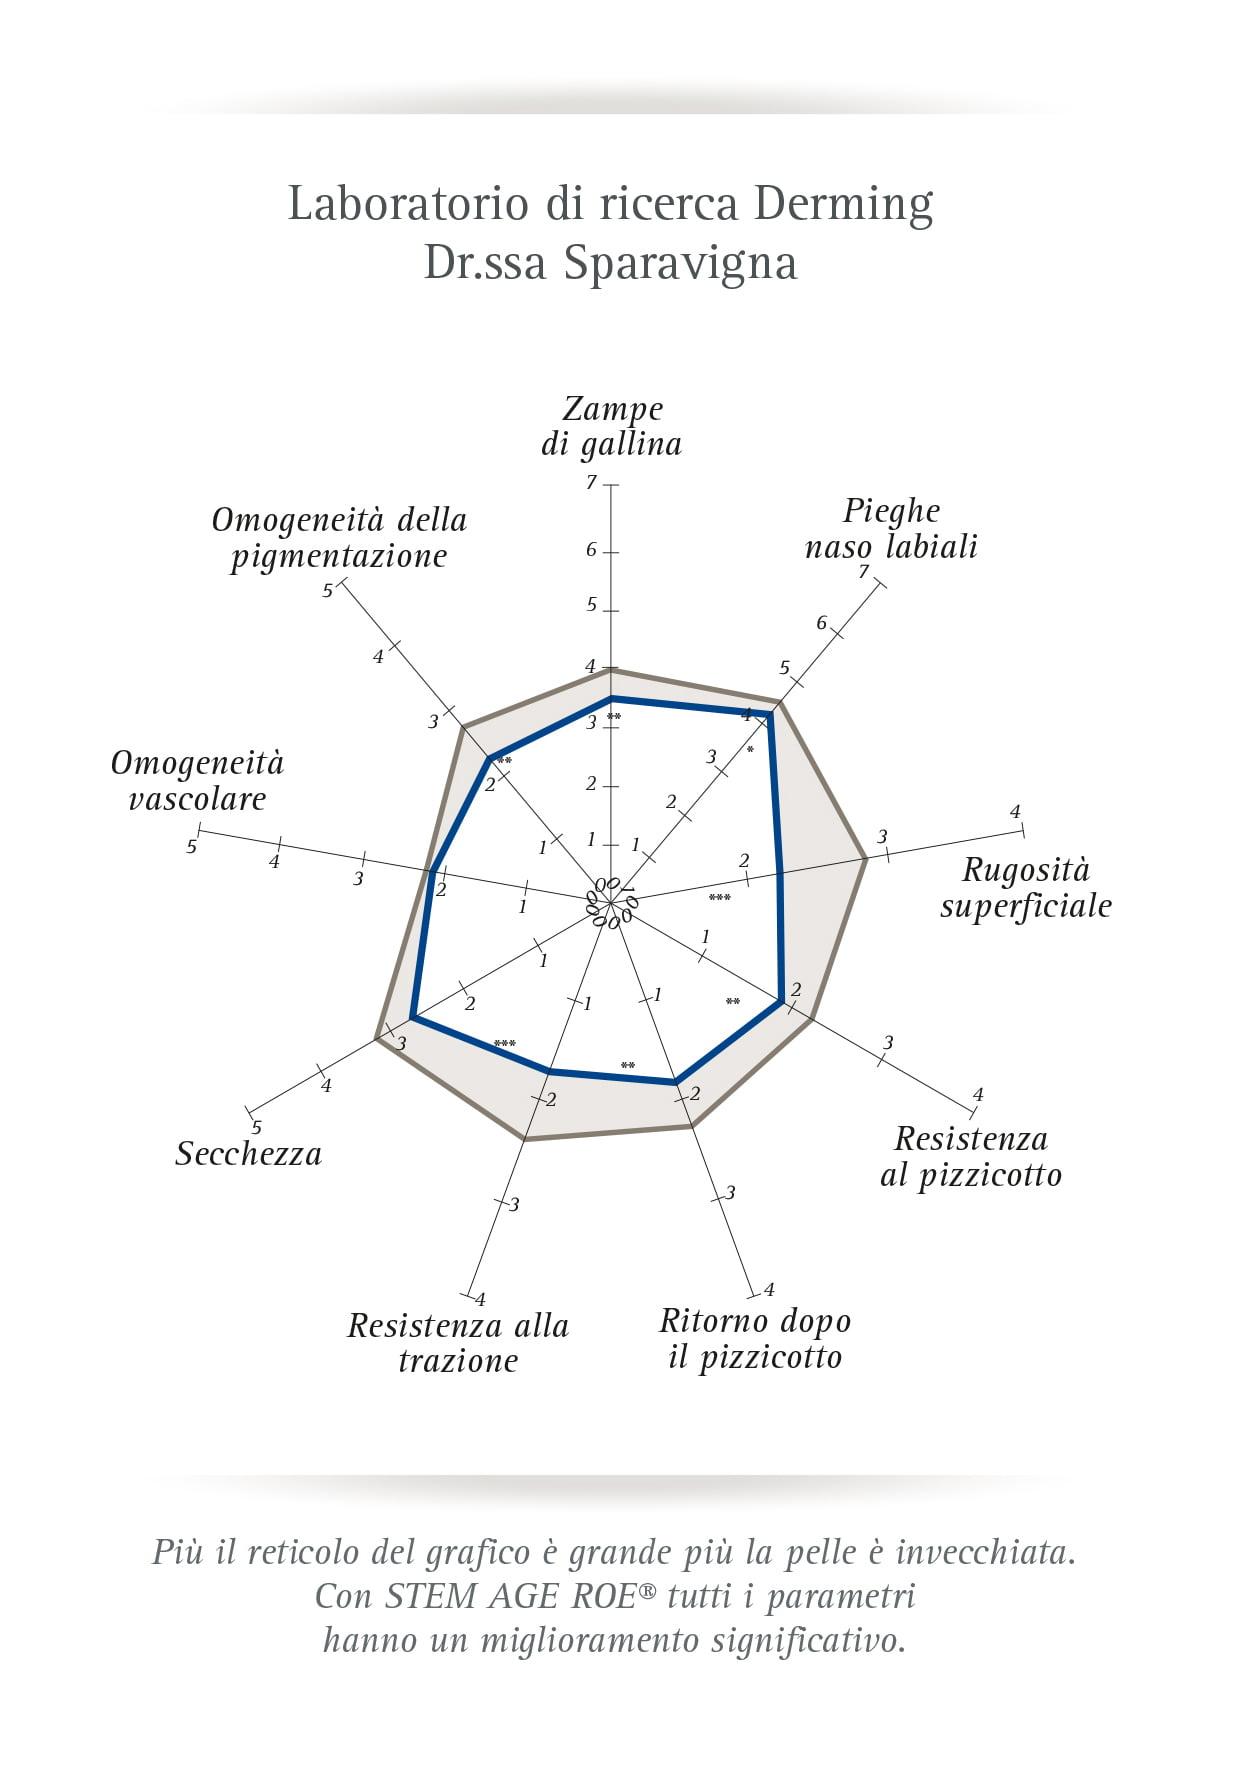 Studi Laboratorio di ricerca Derming Dr.ssa Sparavigna